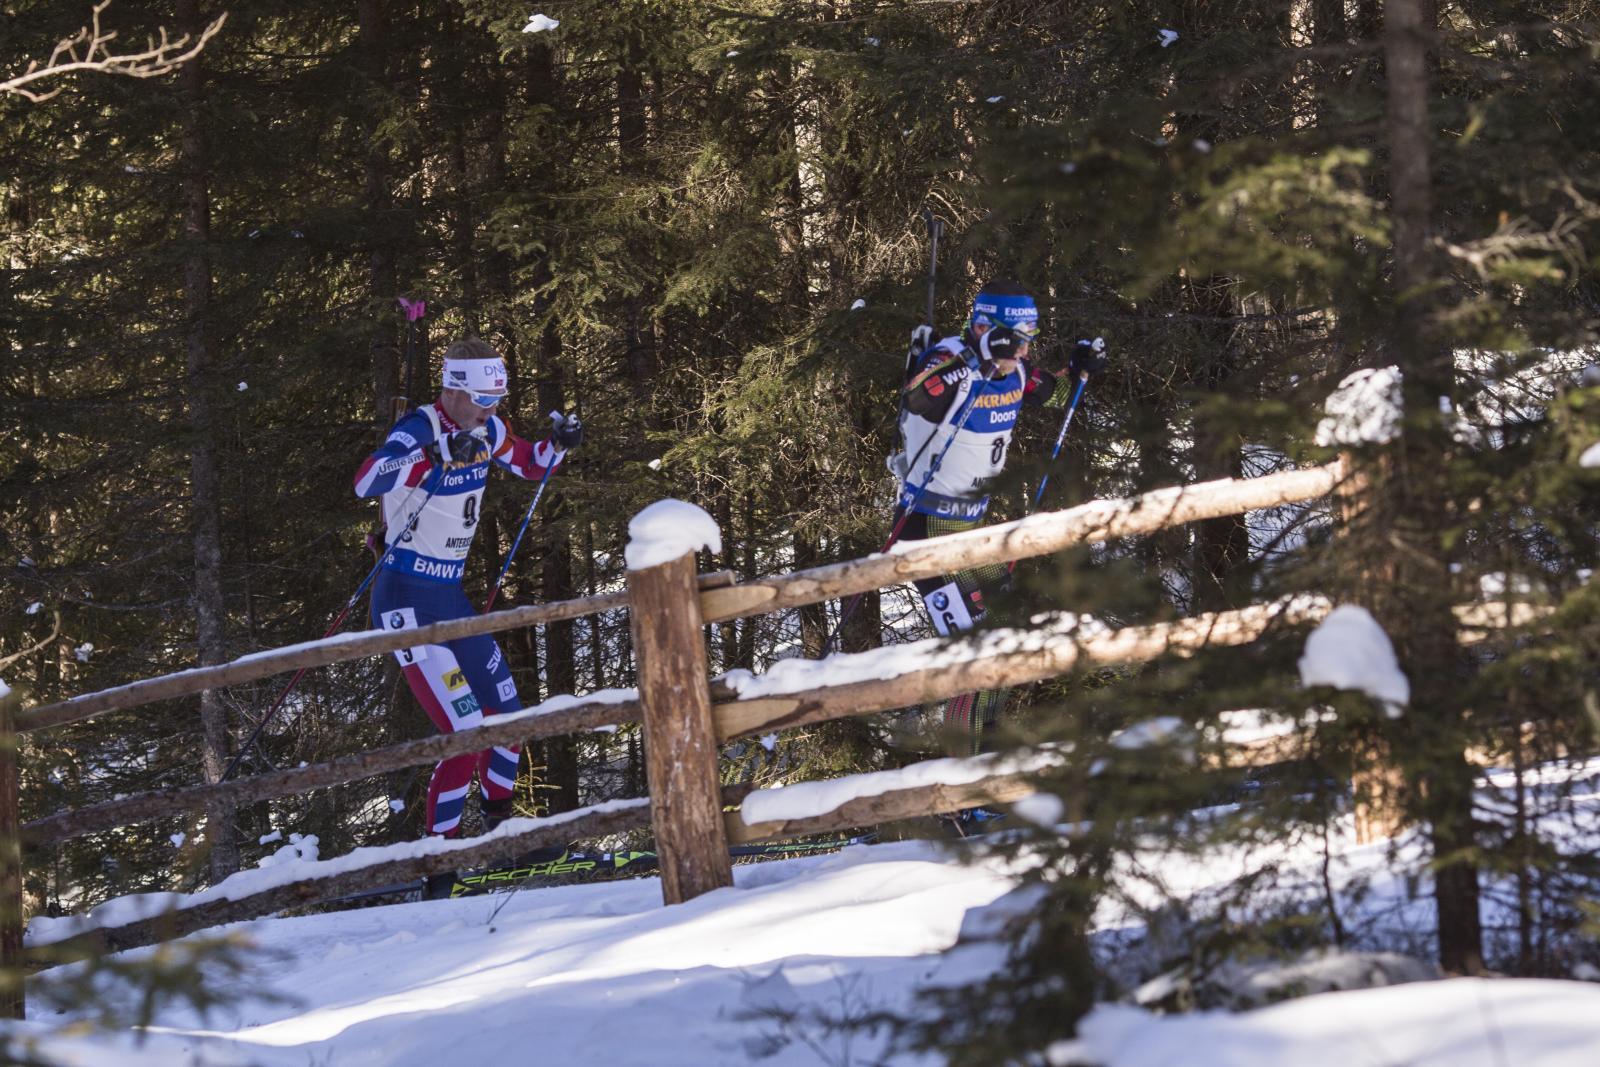 биатлонисты преодолевают подъём в гору